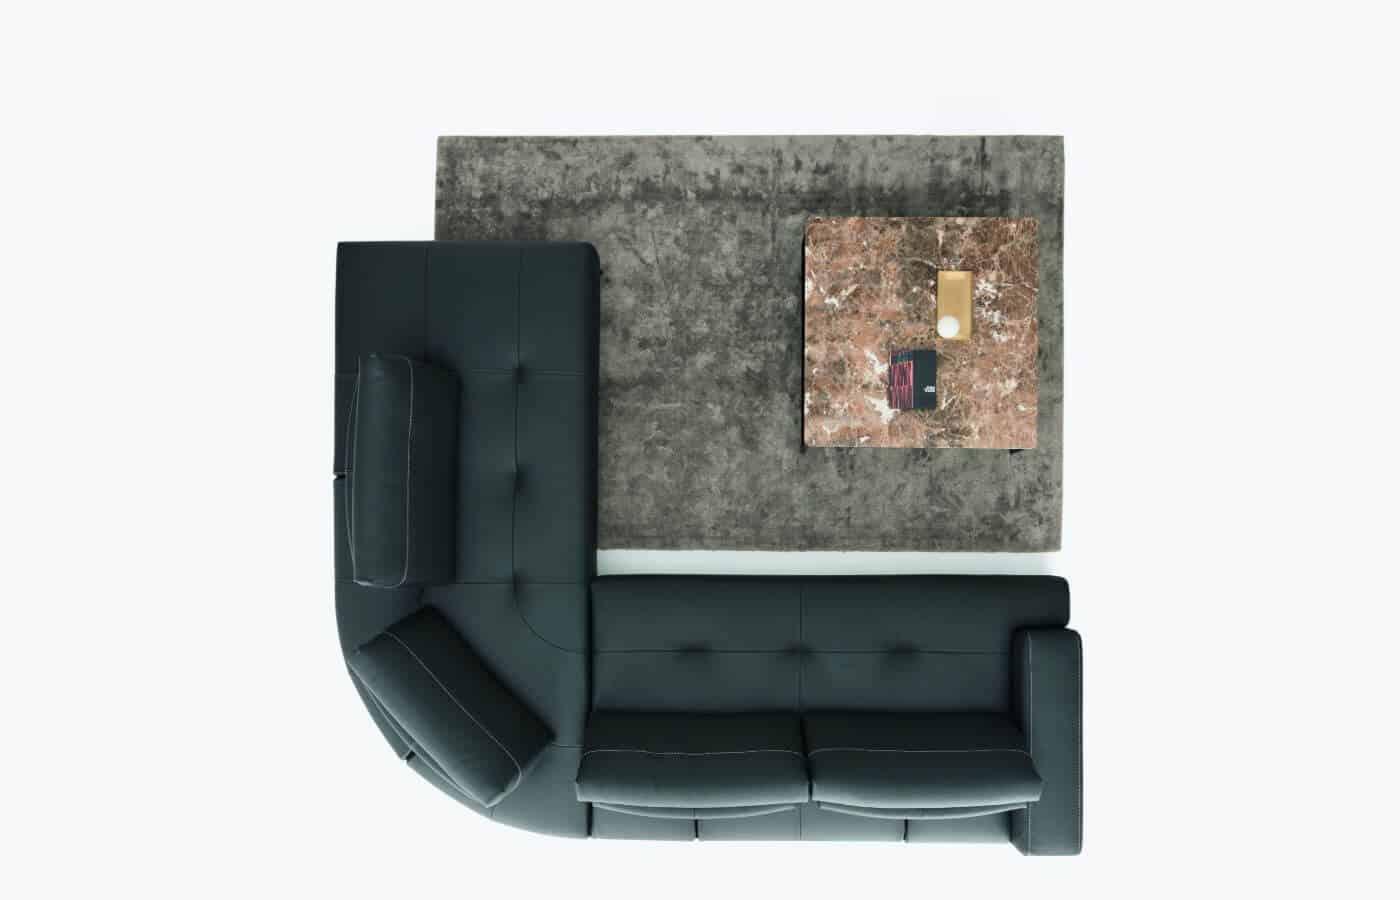 divani-angolo-curvo-collezione-egeo-pelle-il-mobile